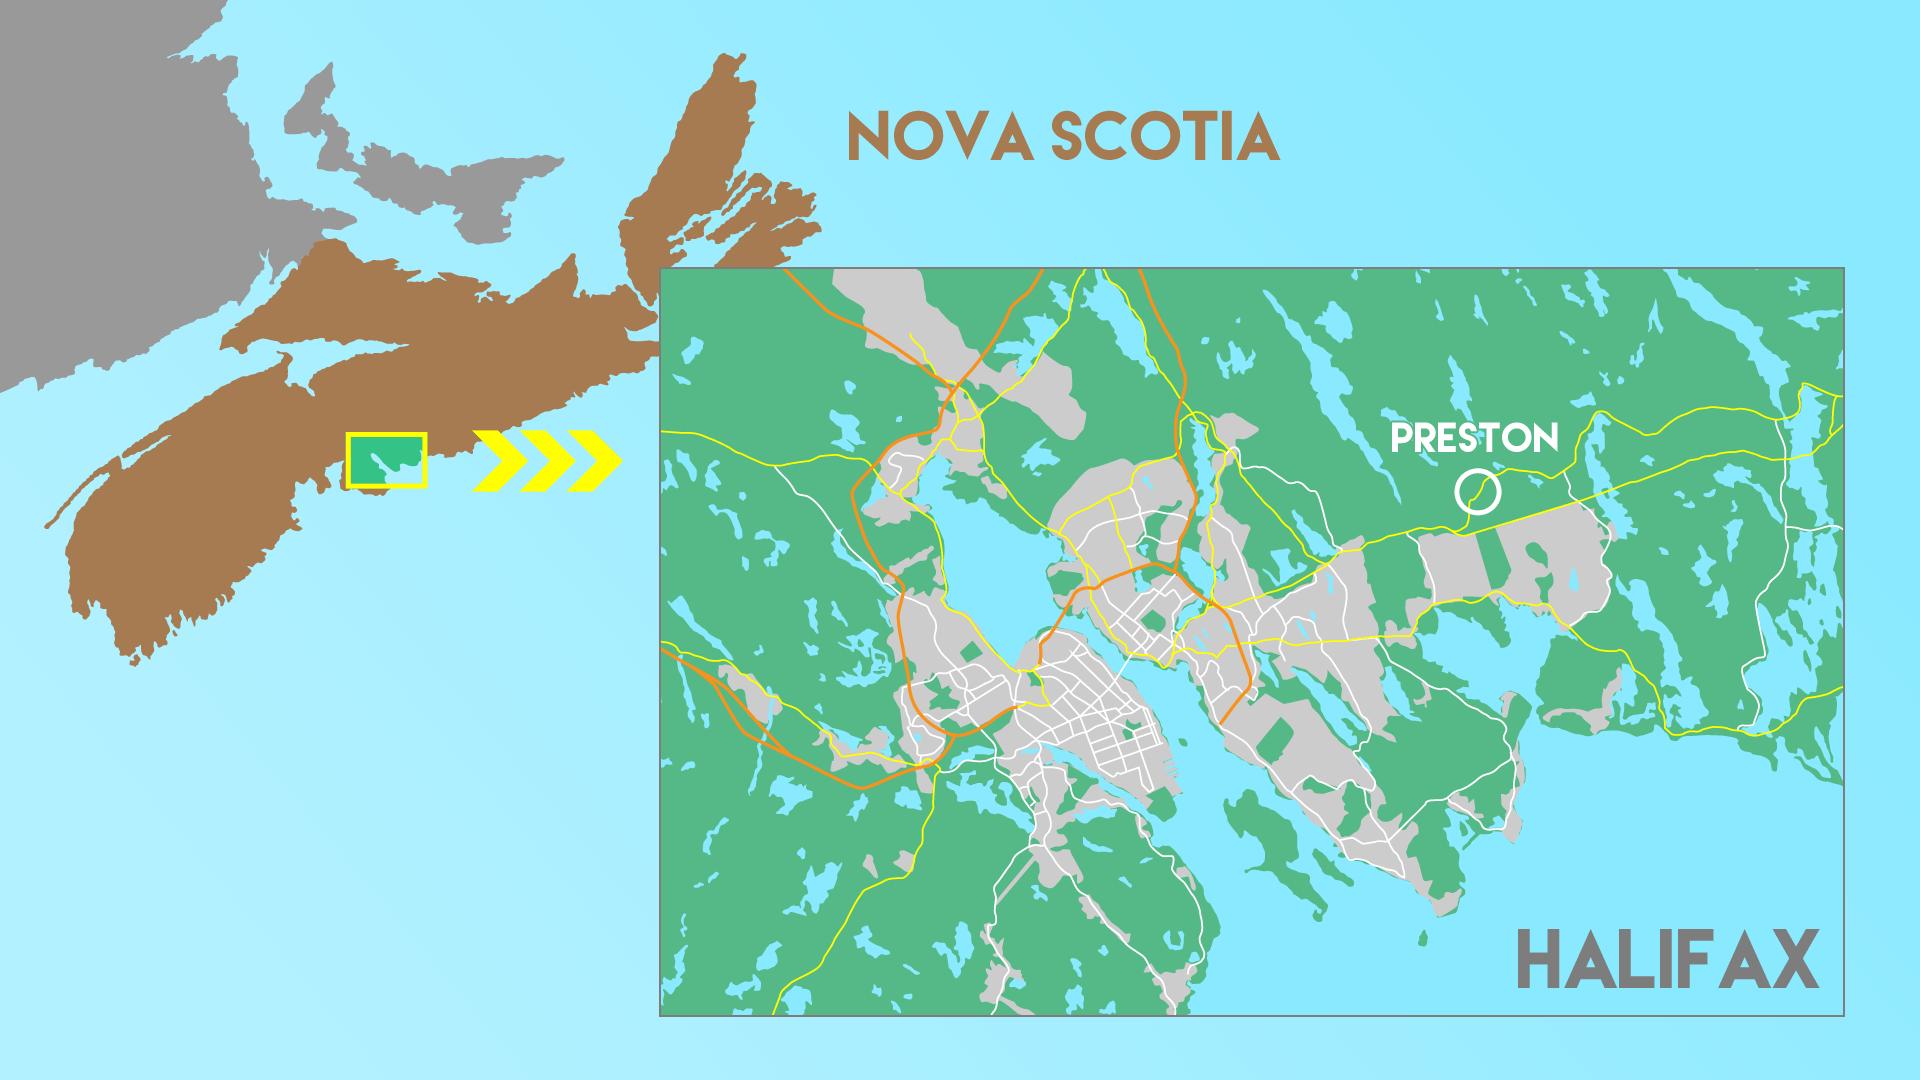 Map_Halifax_Preston_1920x1080